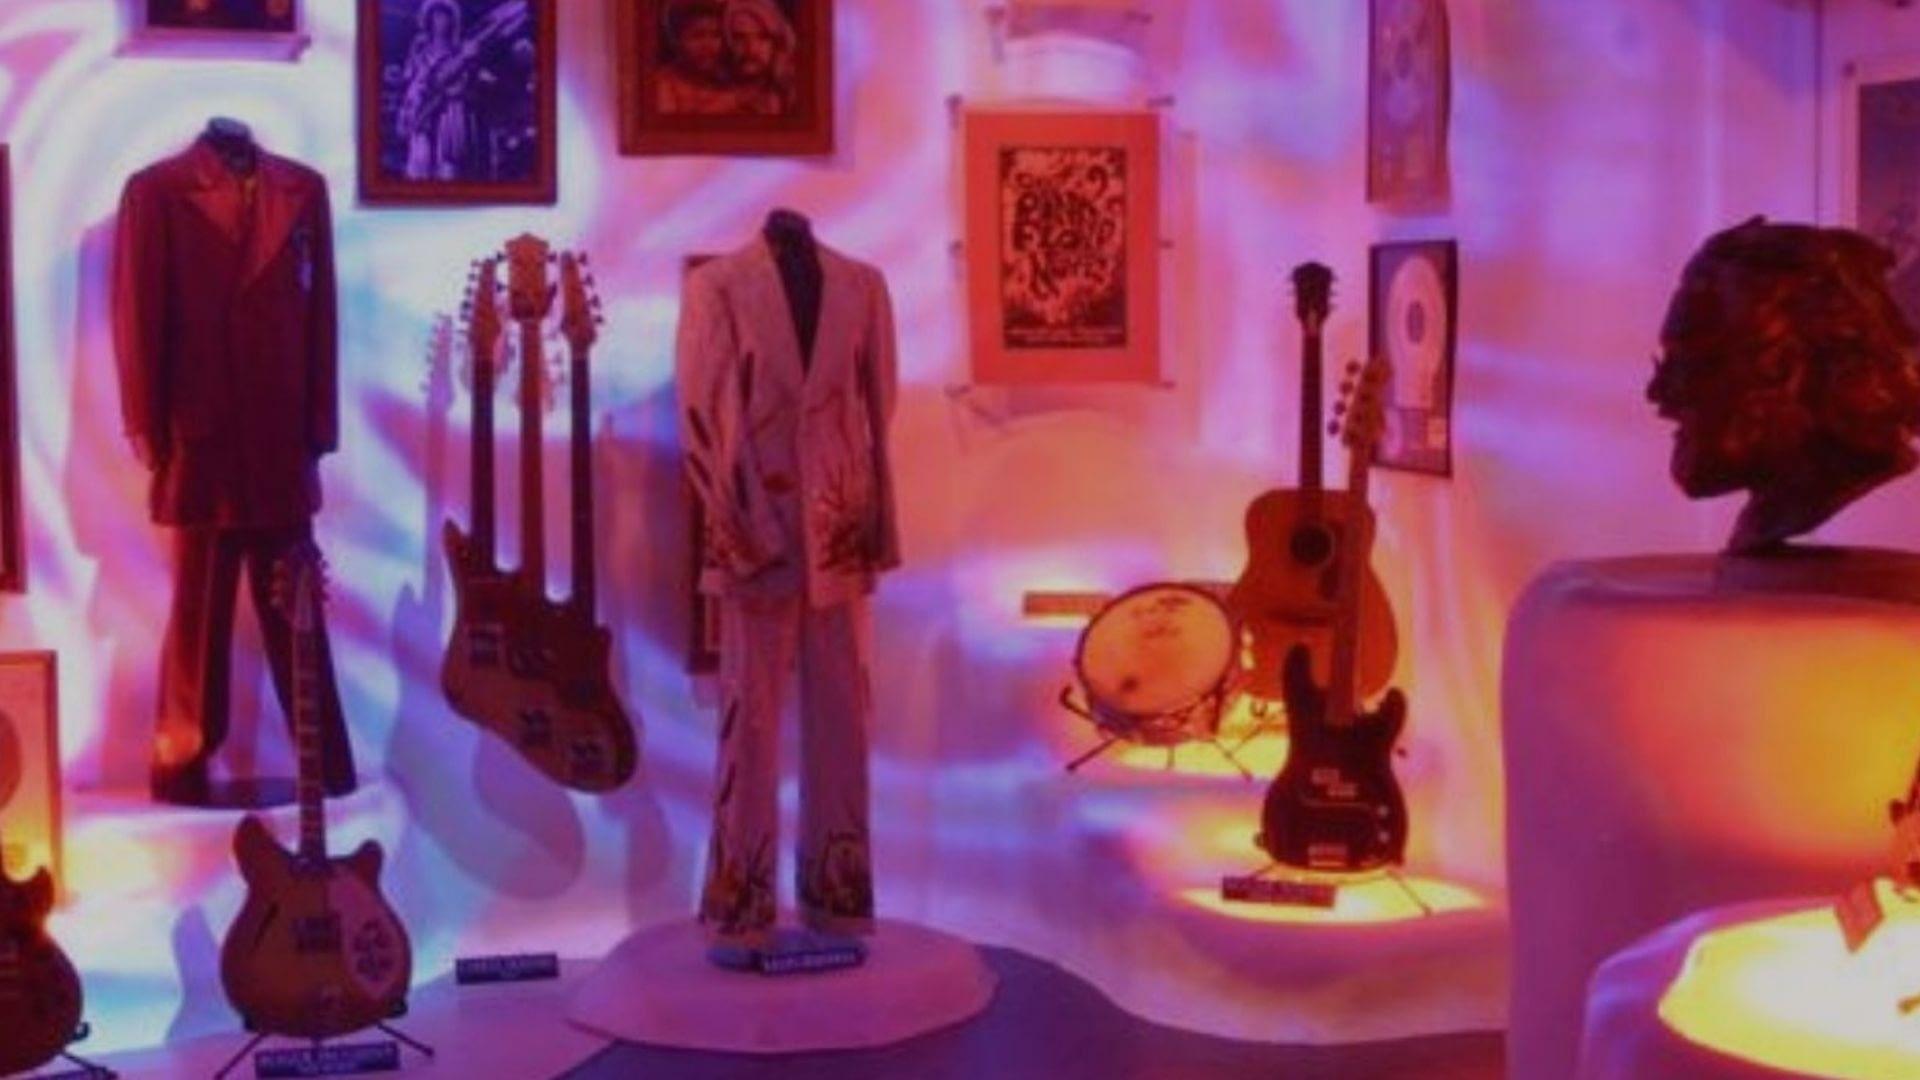 Hard Rock Vault's Elvis room